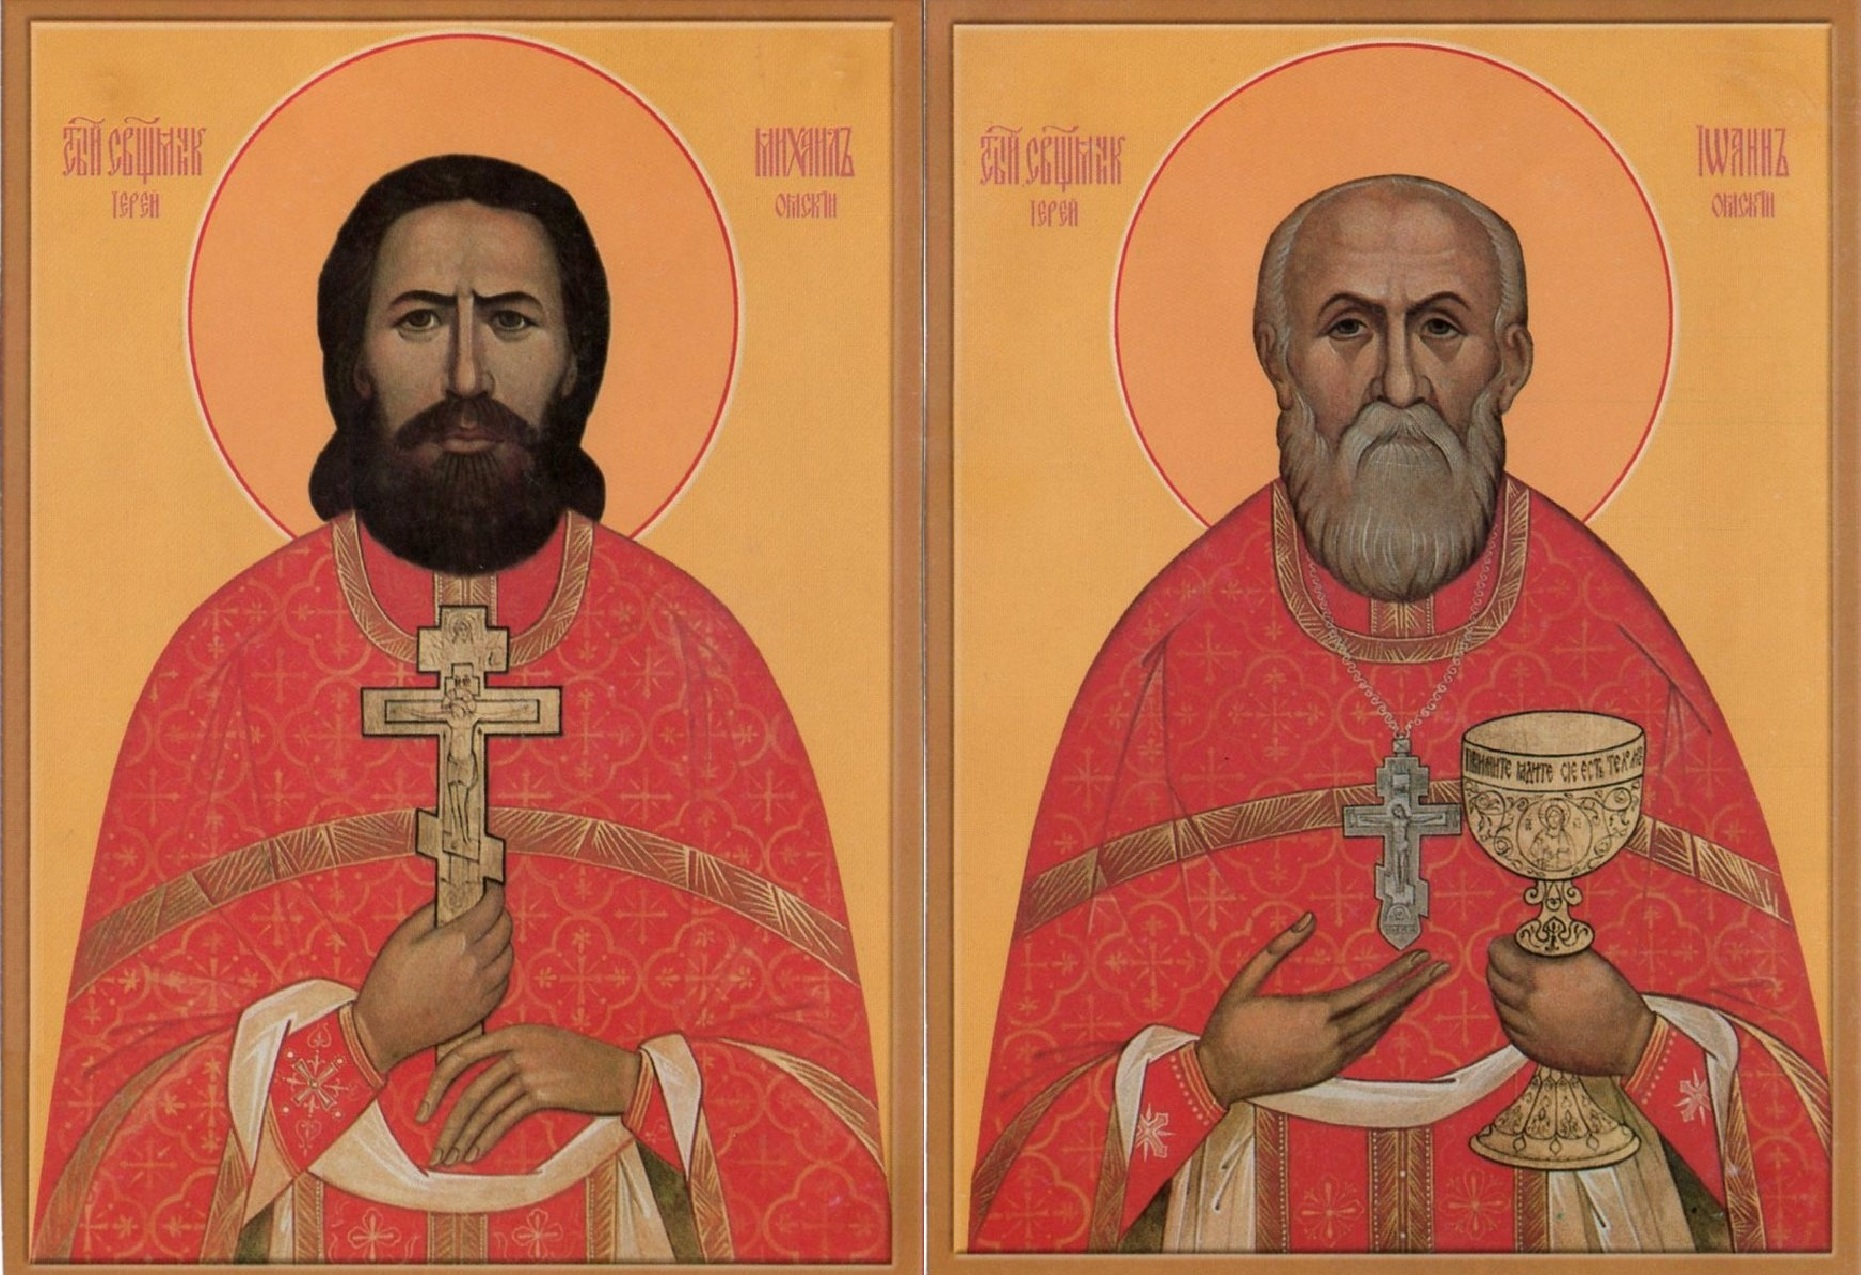 28 февраля - день памяти священномучеников Михаила Пятаева и Иоанна Куминова